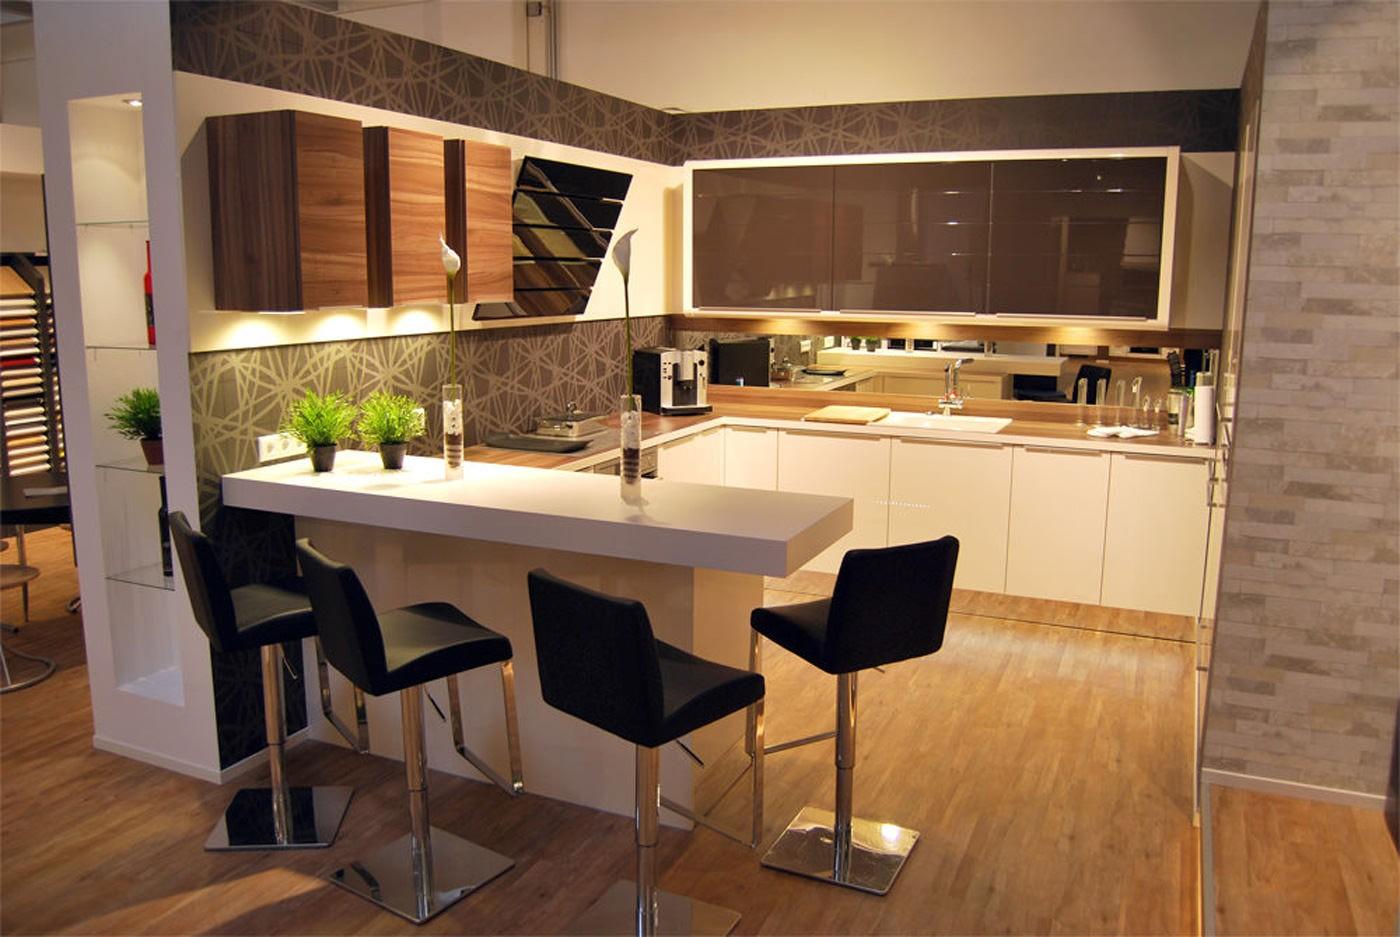 кухонный гарнитур с барной стойкой фото декор